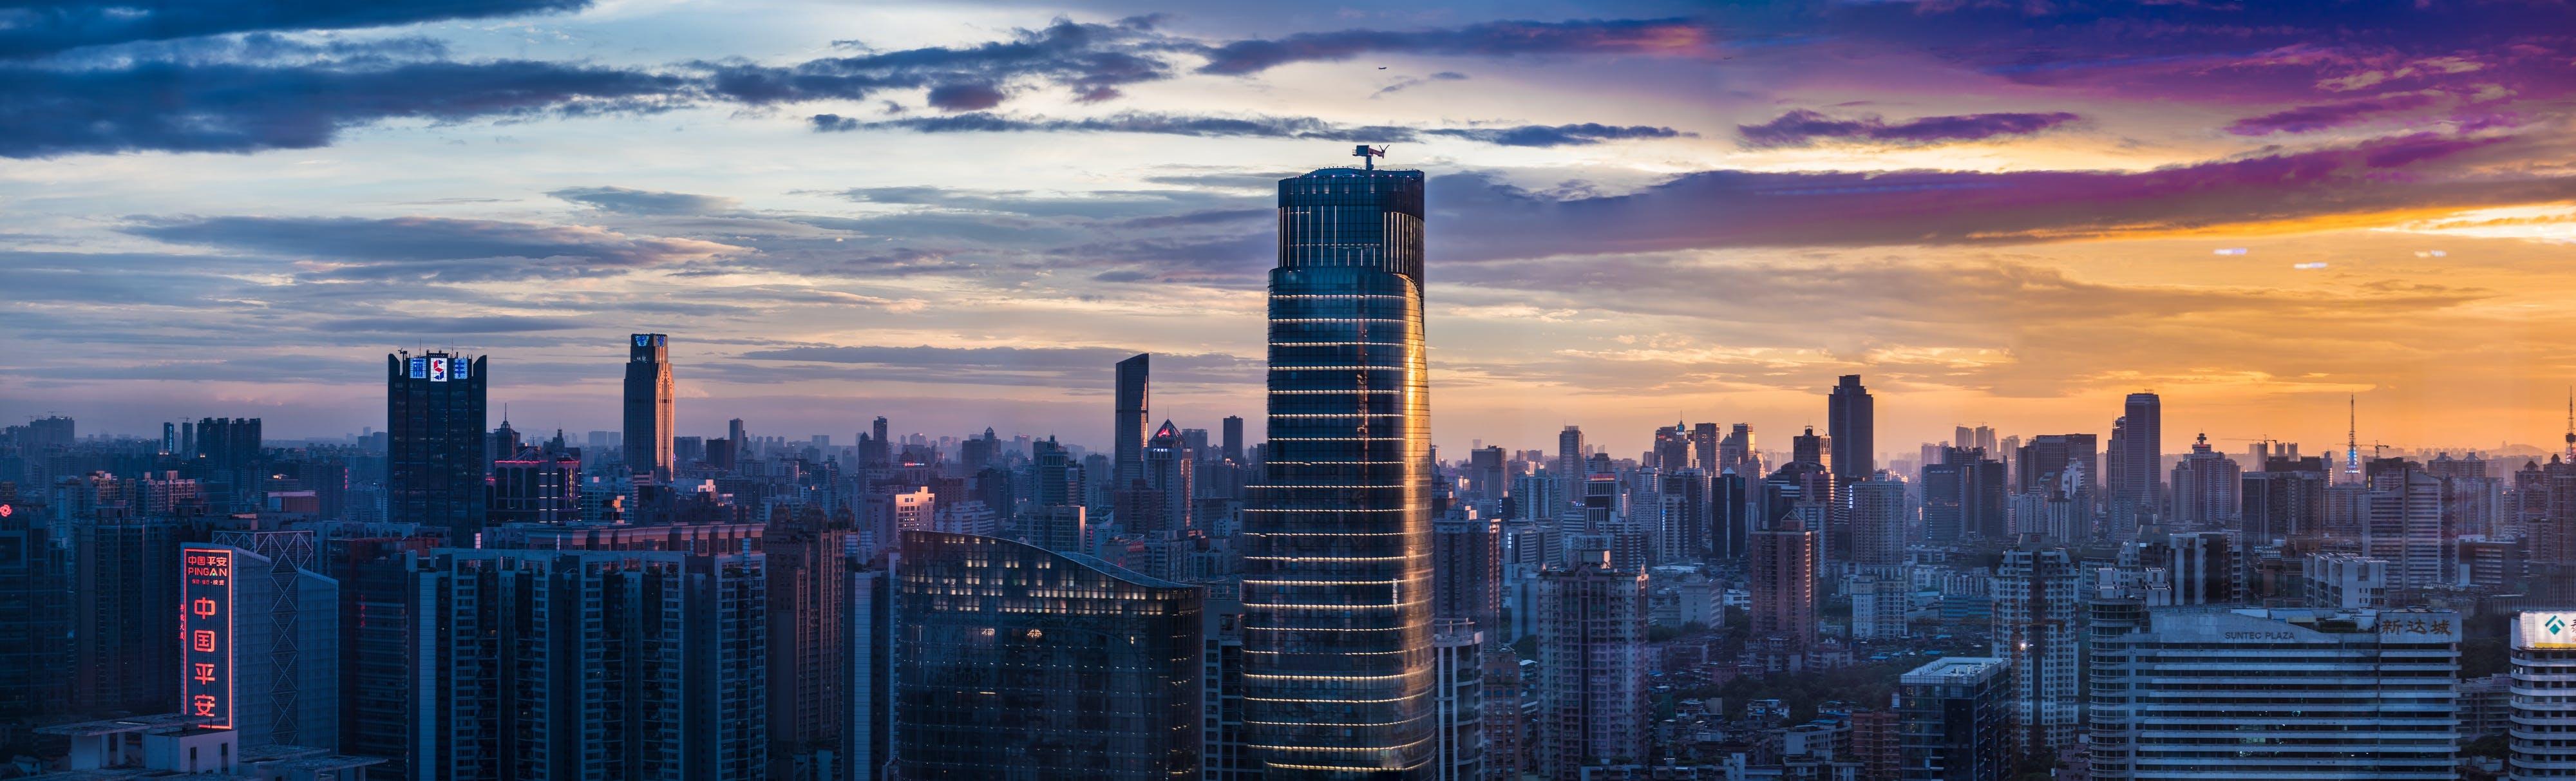 architecture, buildings, city